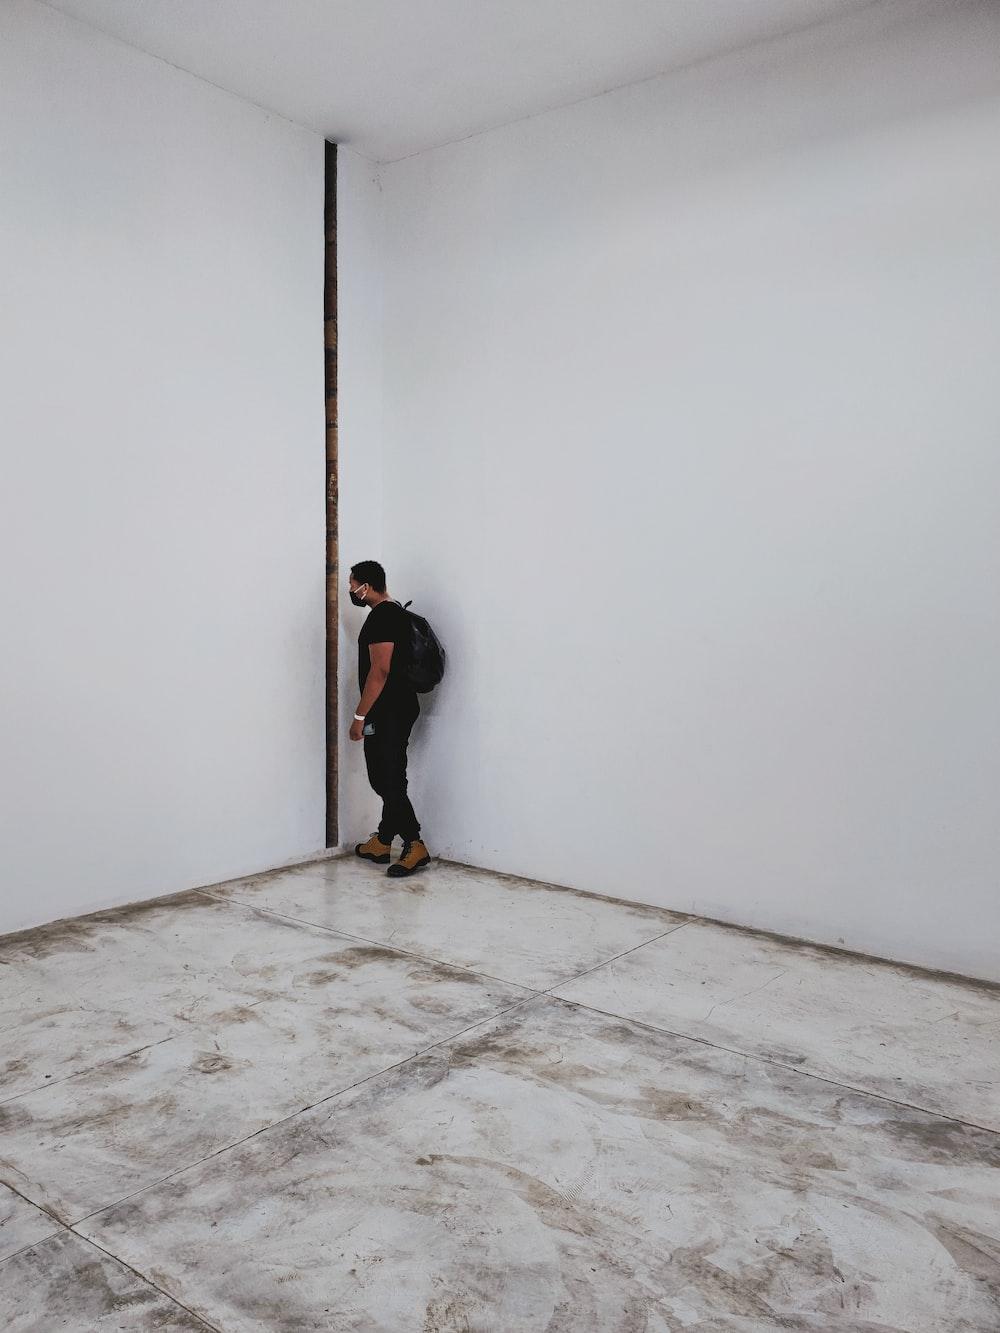 man in black jacket and black pants walking on white floor tiles